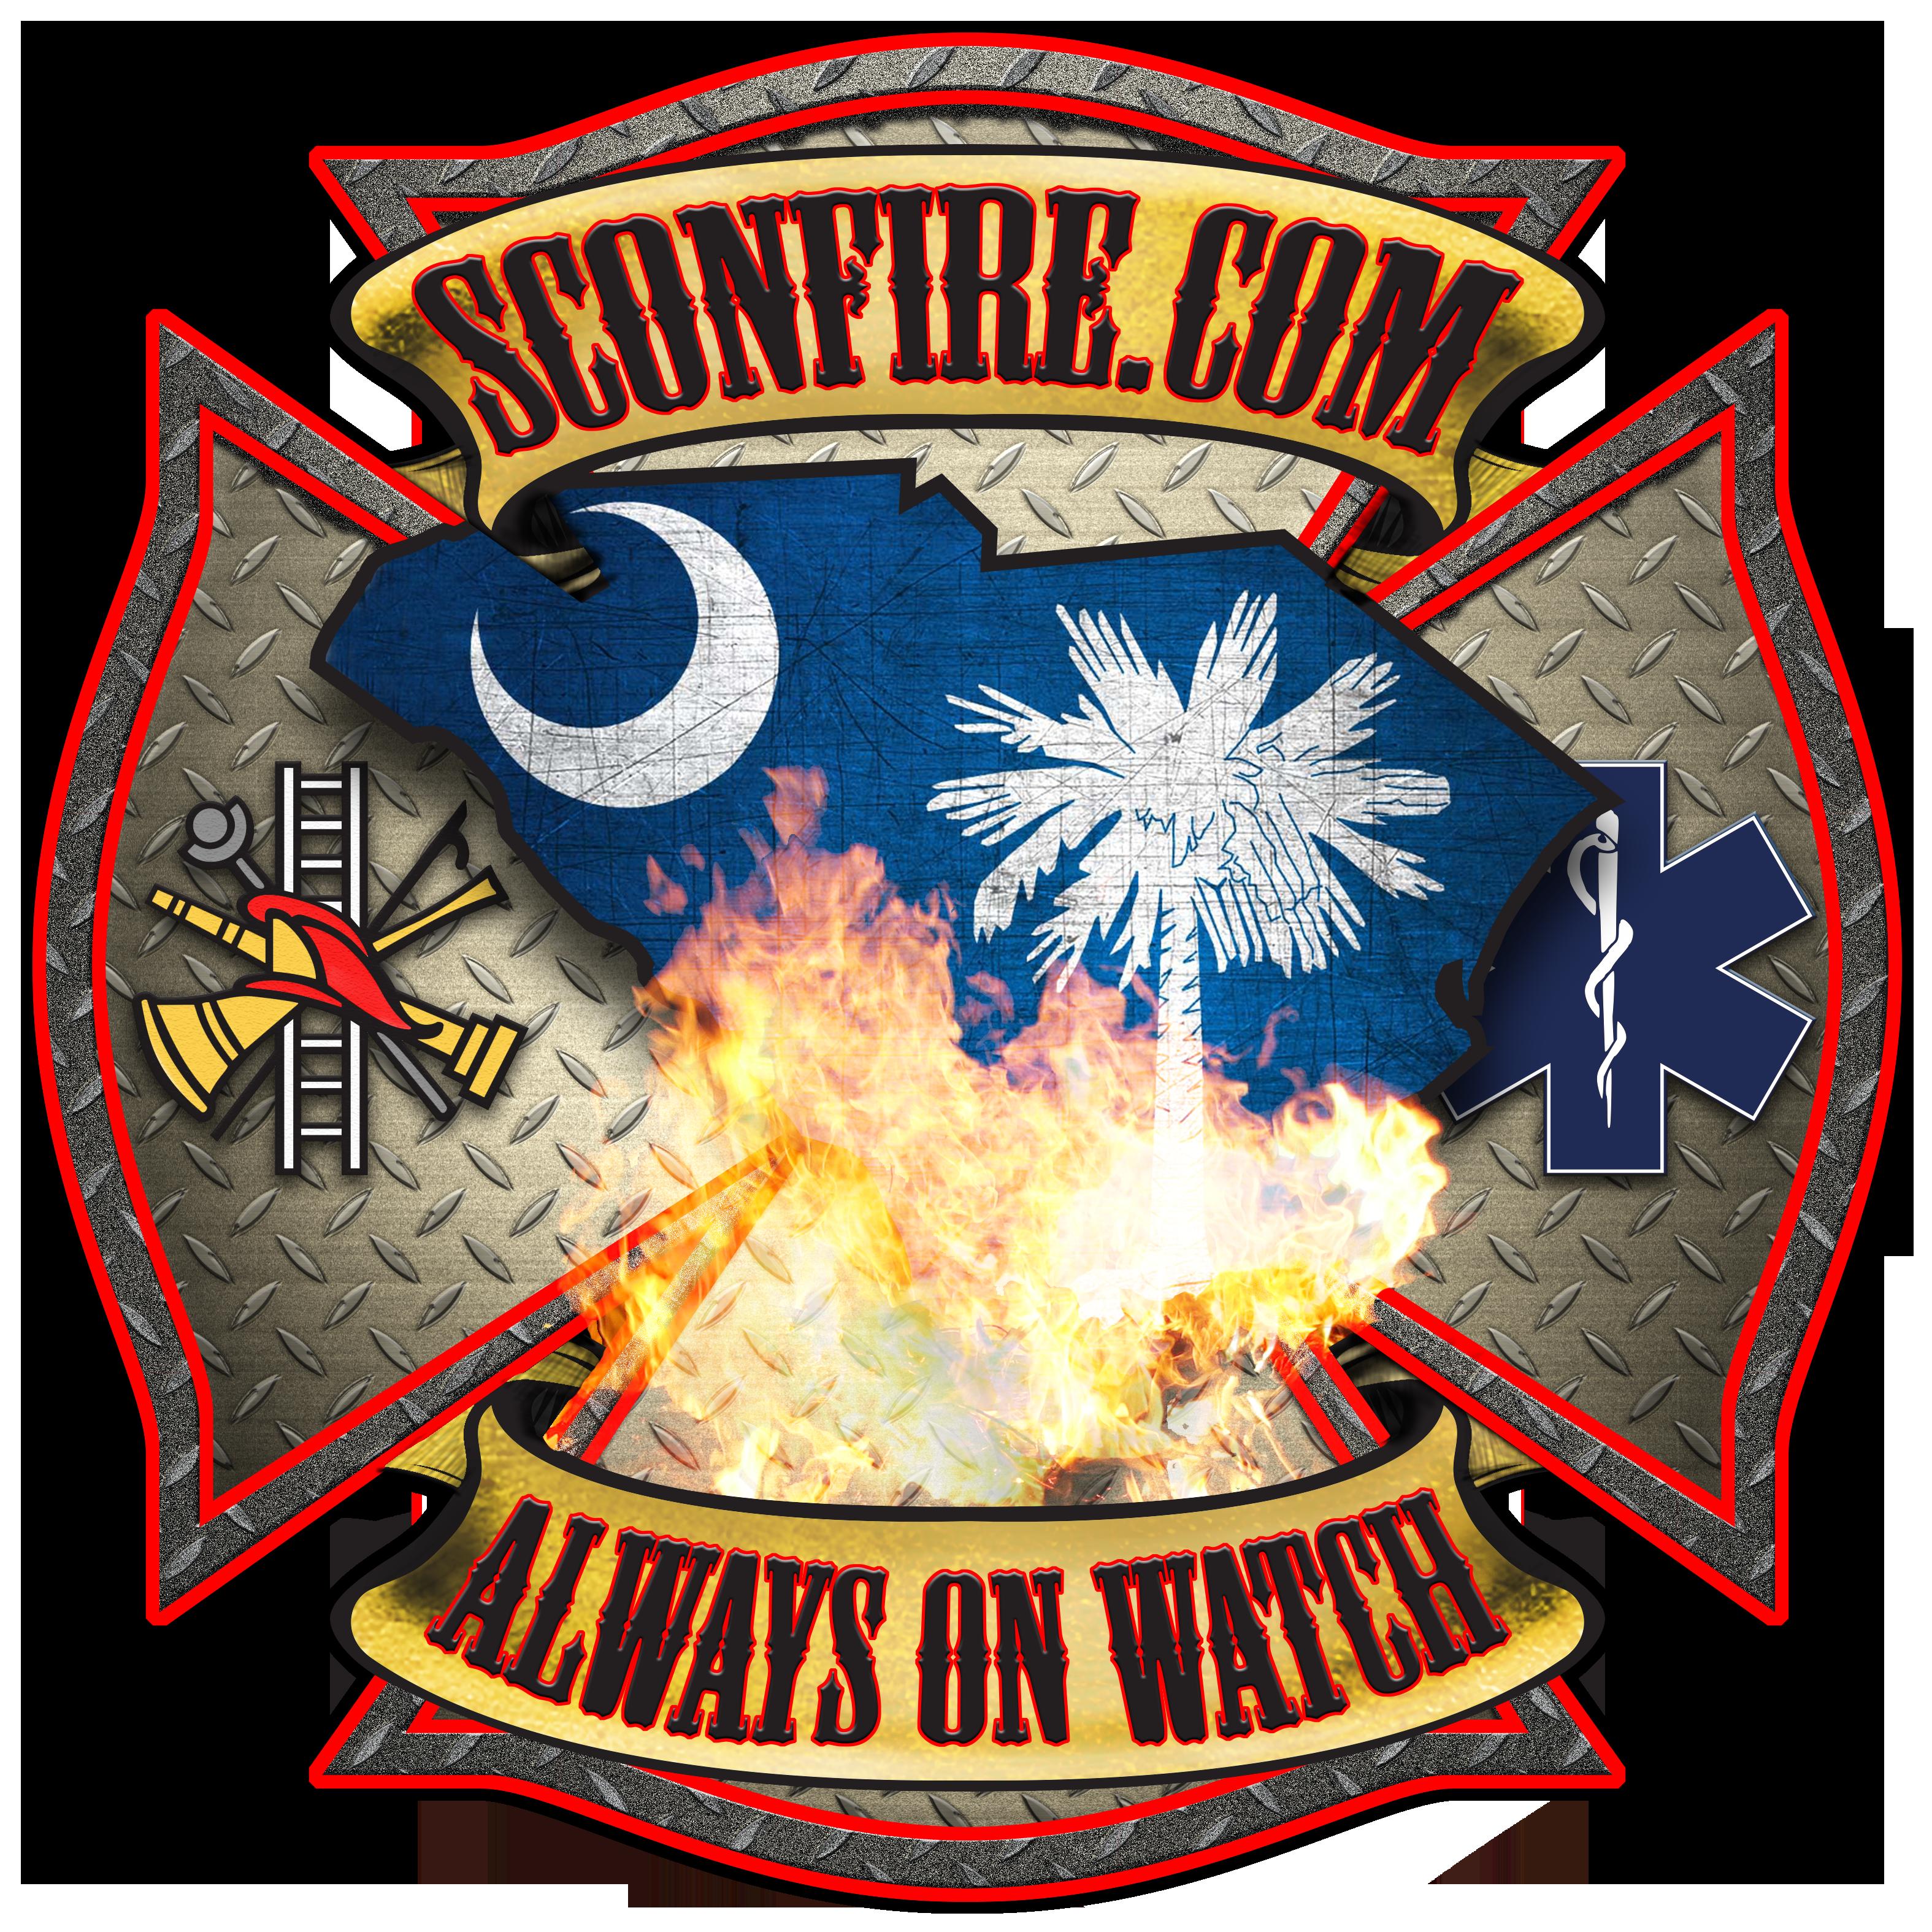 Sc job wire sconfire. Fireman clipart fire inspection